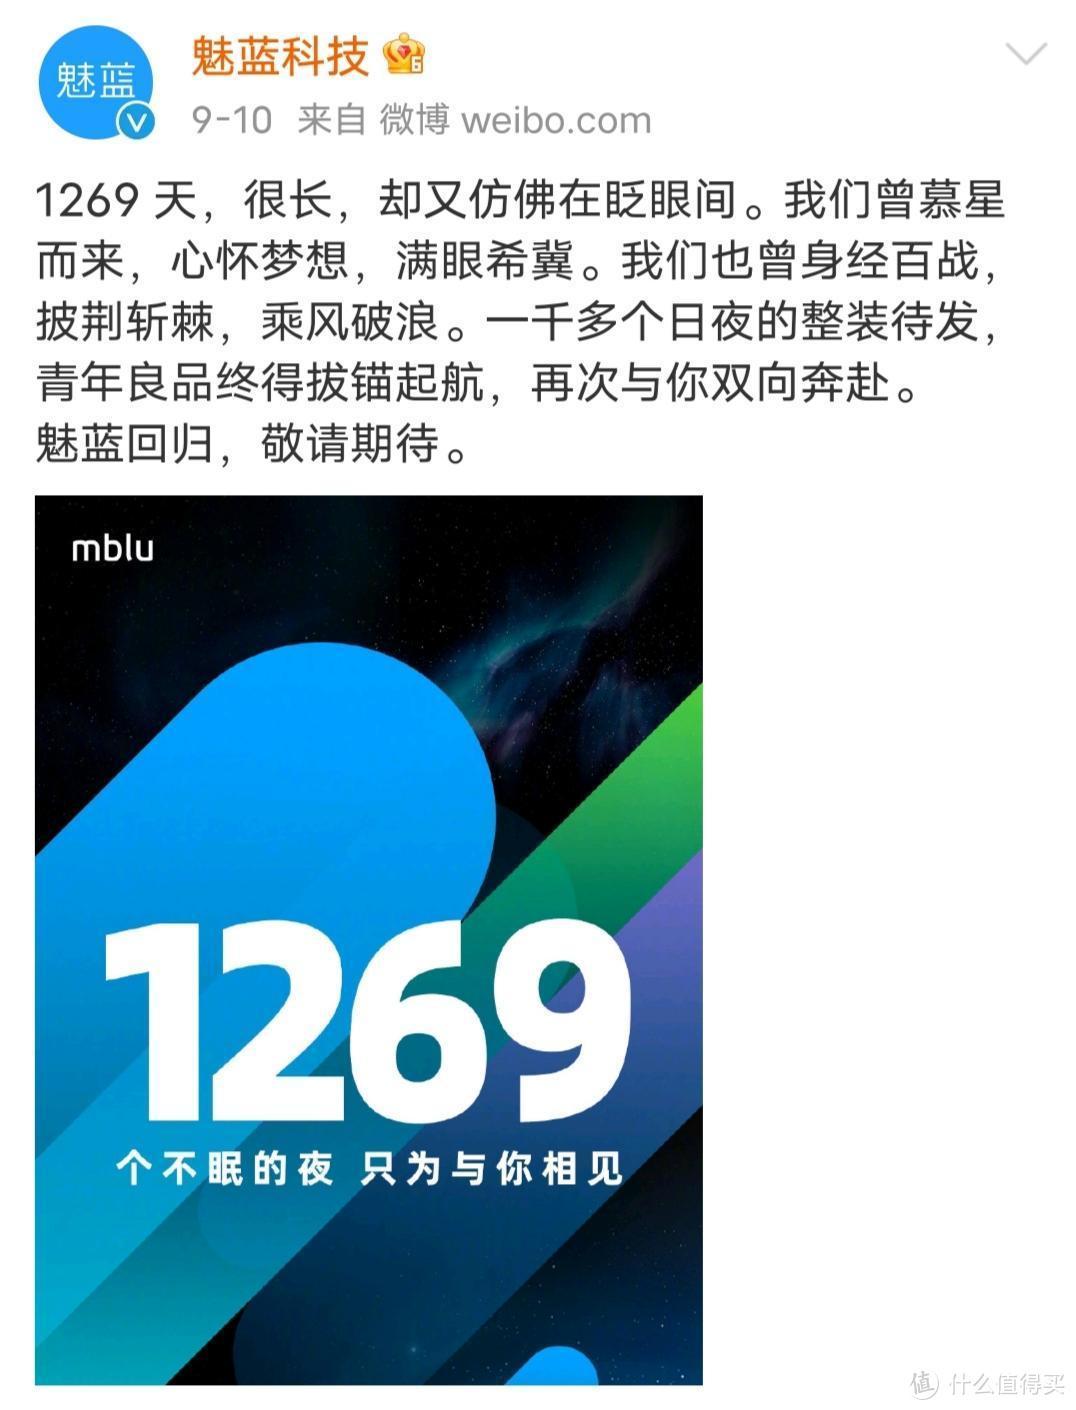 魅族手机9月全能模式,魅蓝回归,同步发布30多款新品